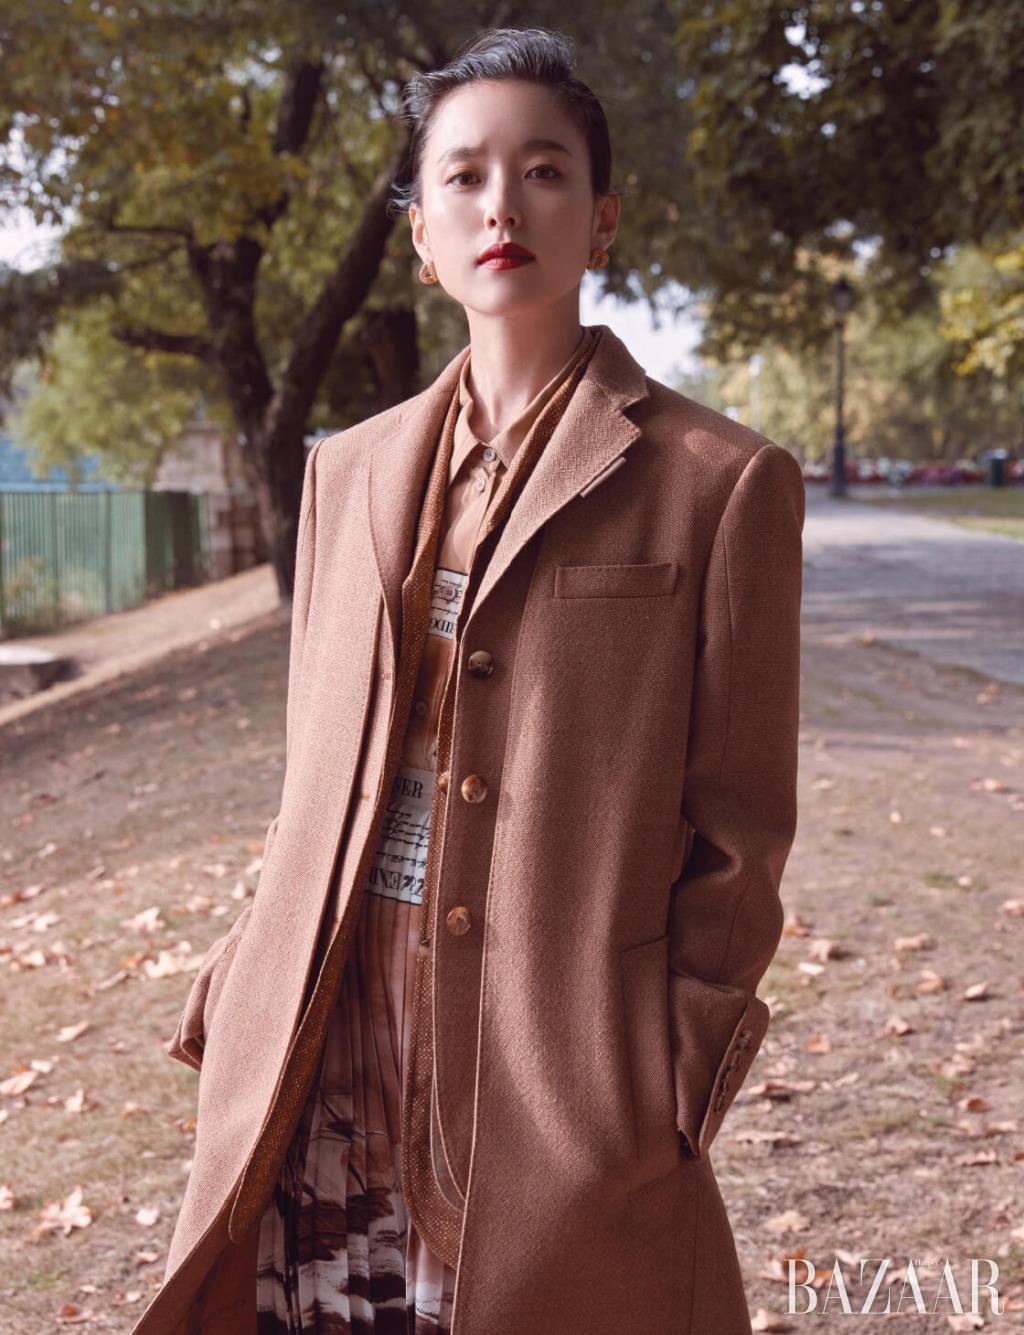 버튼 장식의 울 테일러드 코트, 피시 스케일 프린트 재킷, 이너로 입은 실크 셔츠, 플리츠 스커트, 스몰 체인 링크 귀고리는 모두 Burberry.